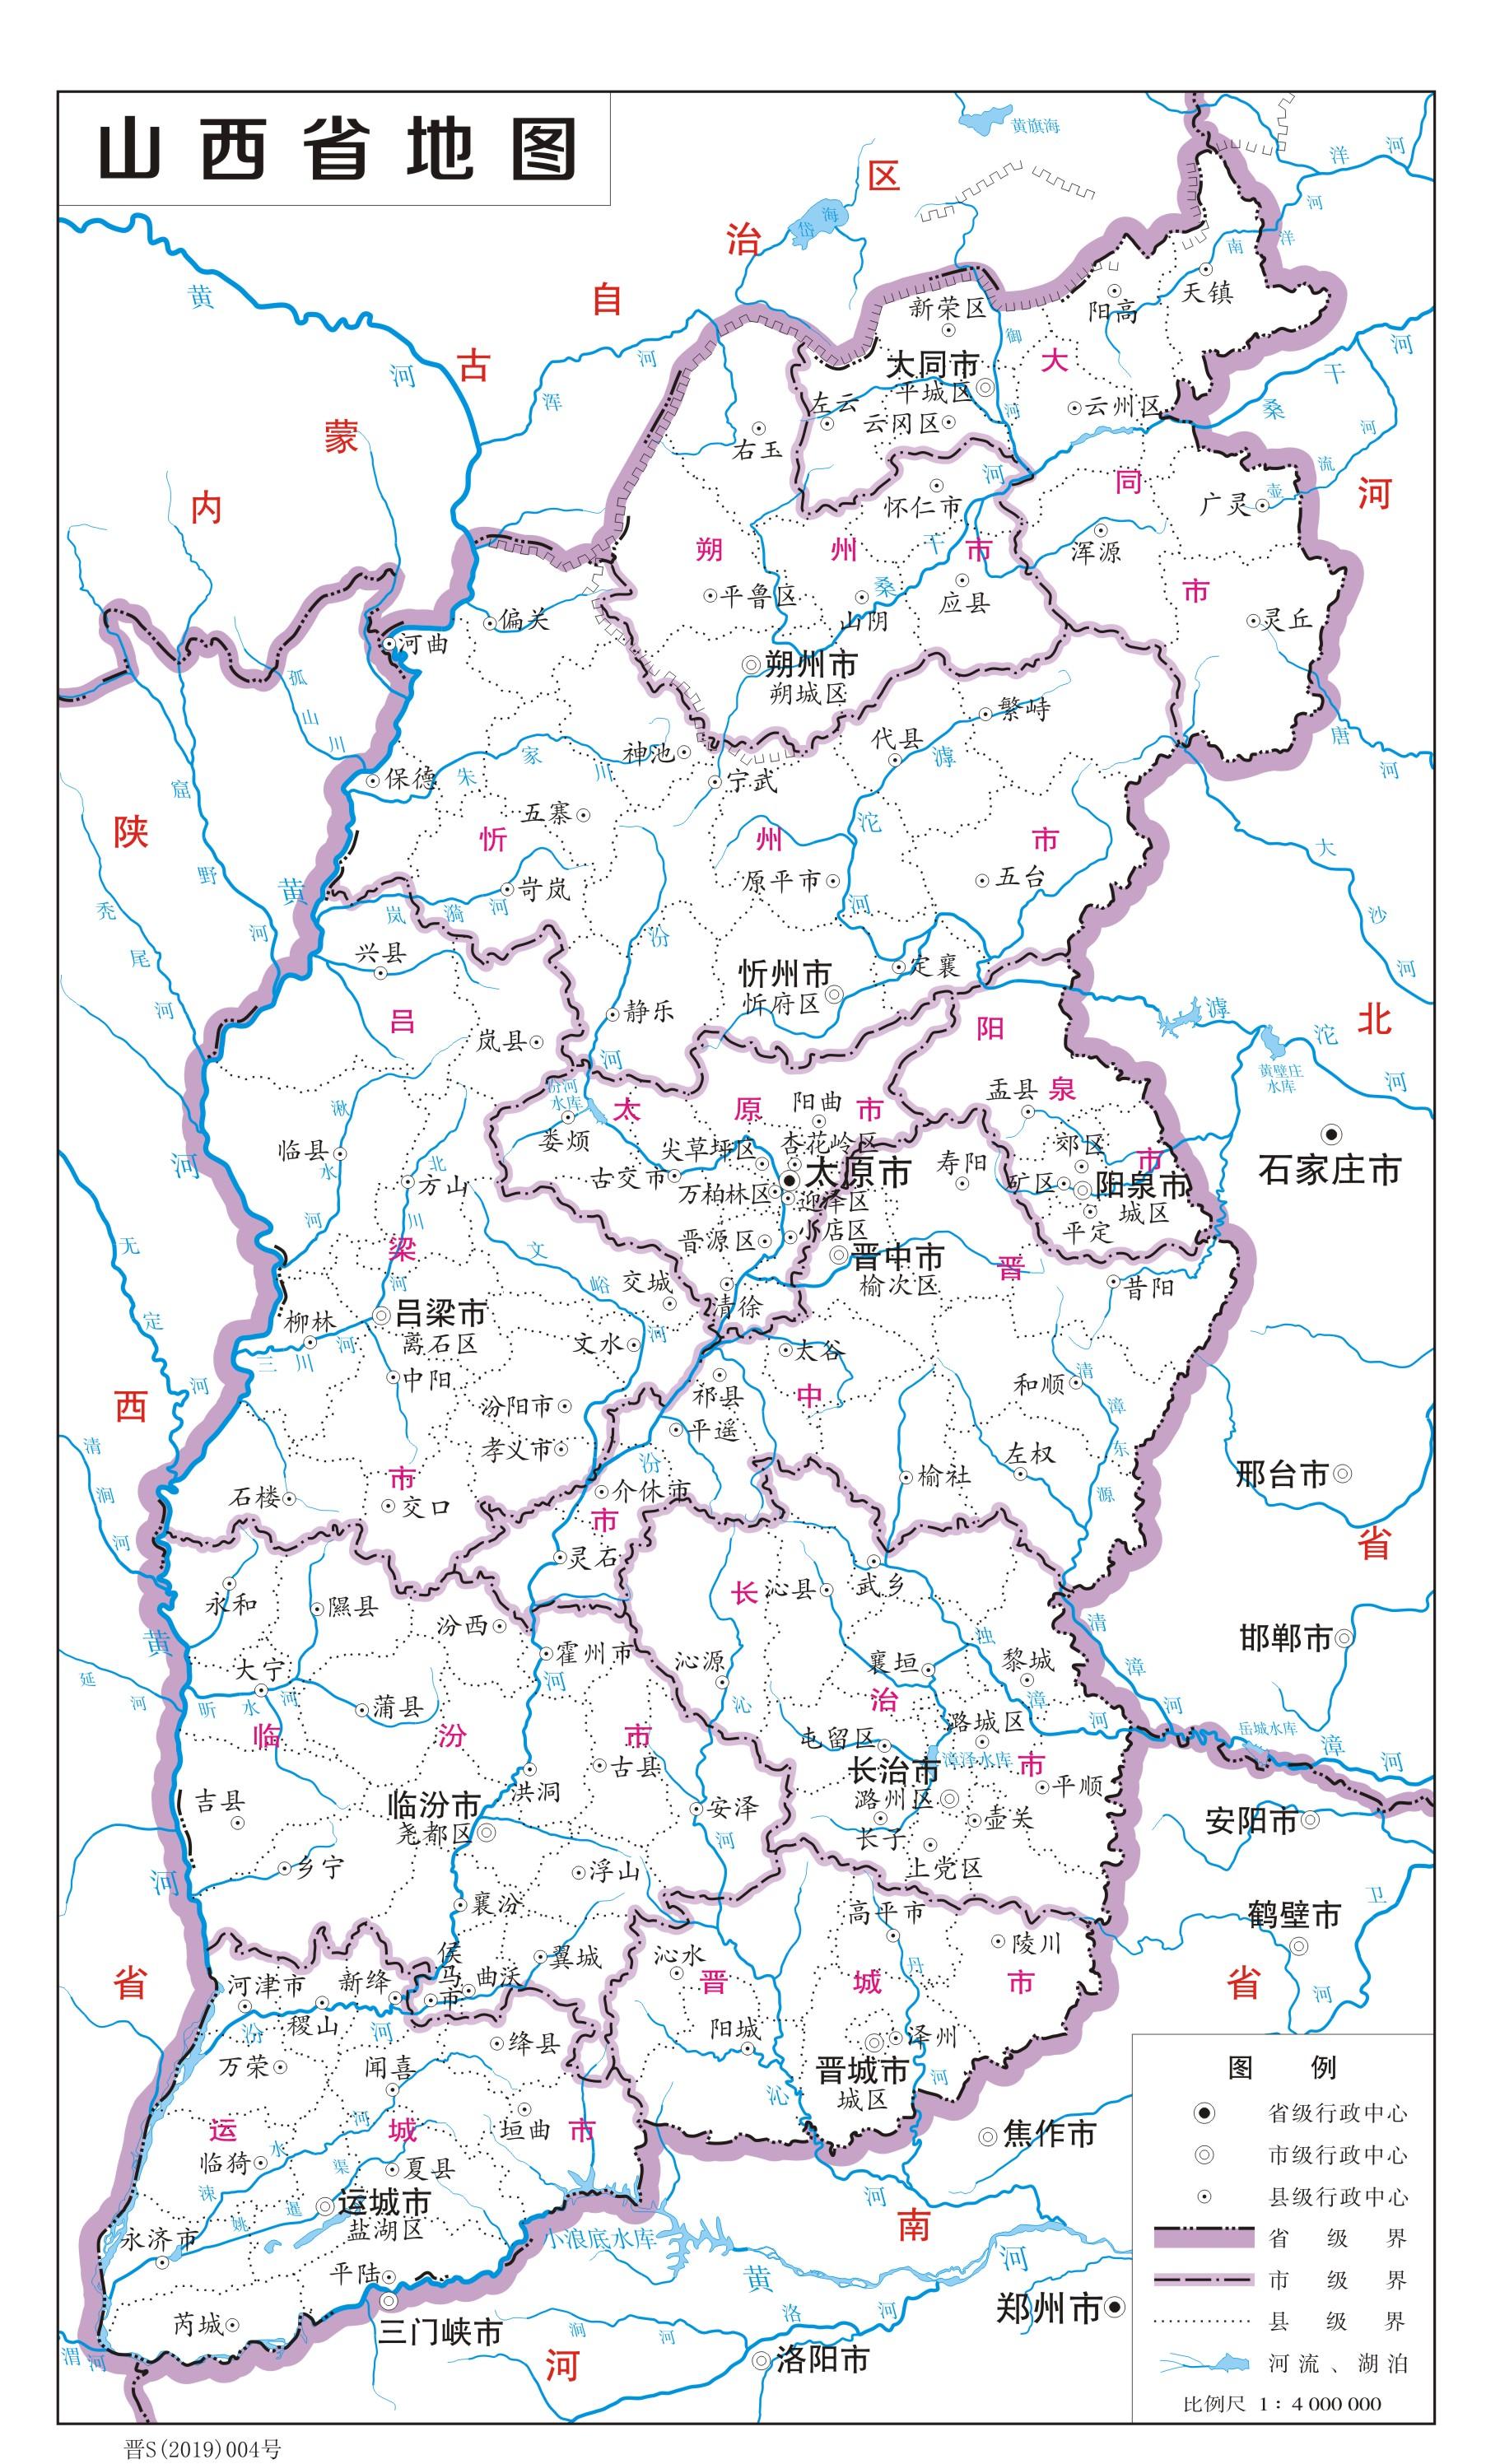 贵州省政区图_山西省标准地图_山西地图库_地图窝